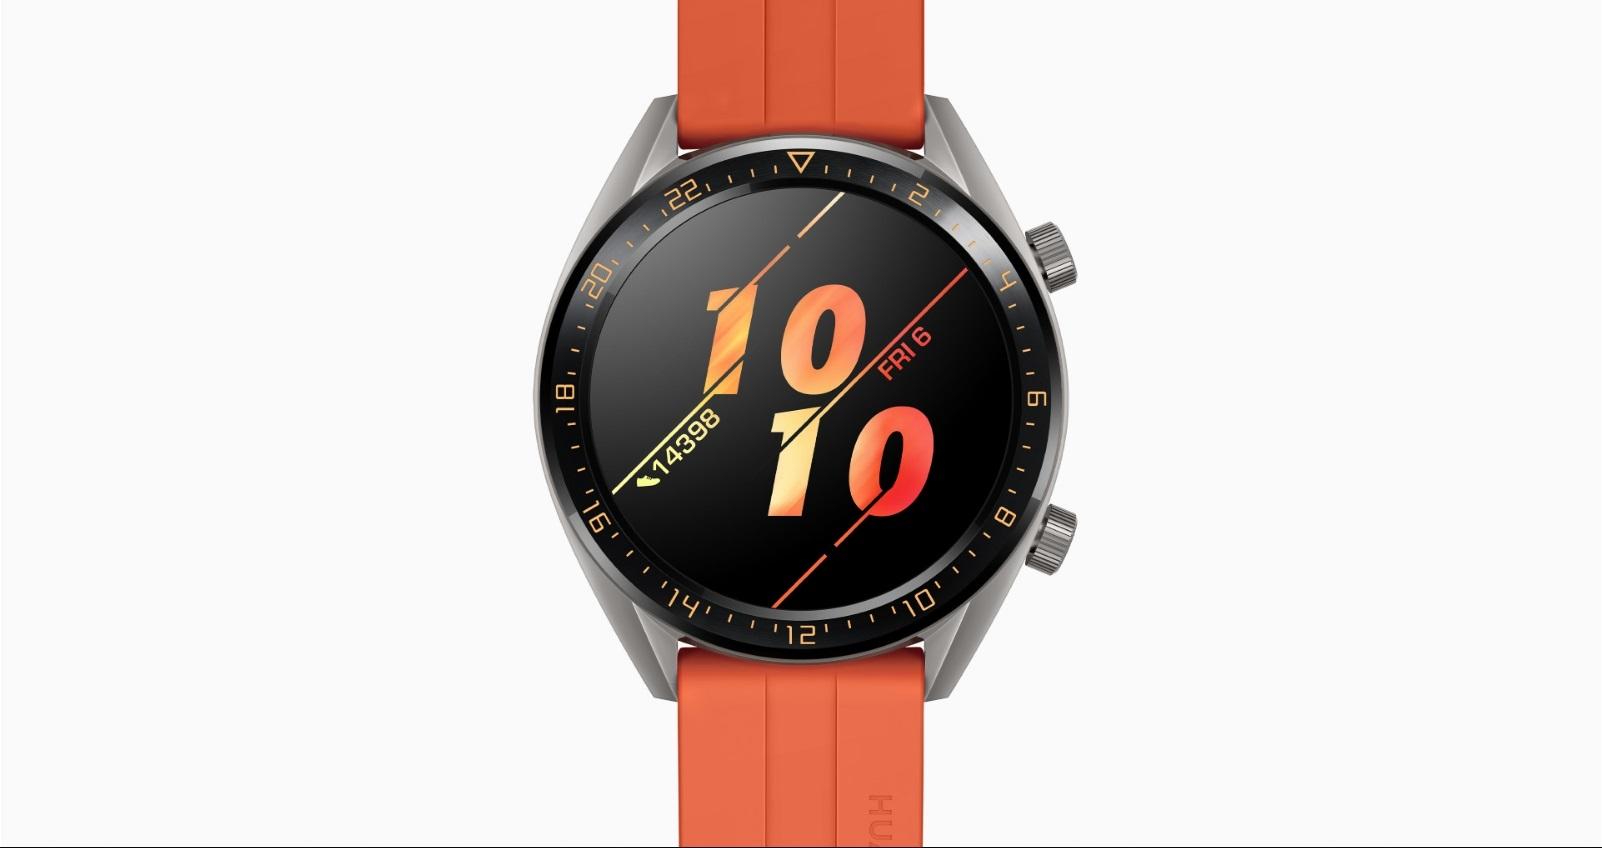 Watch GT 清晰大螢幕,纖薄堅韌